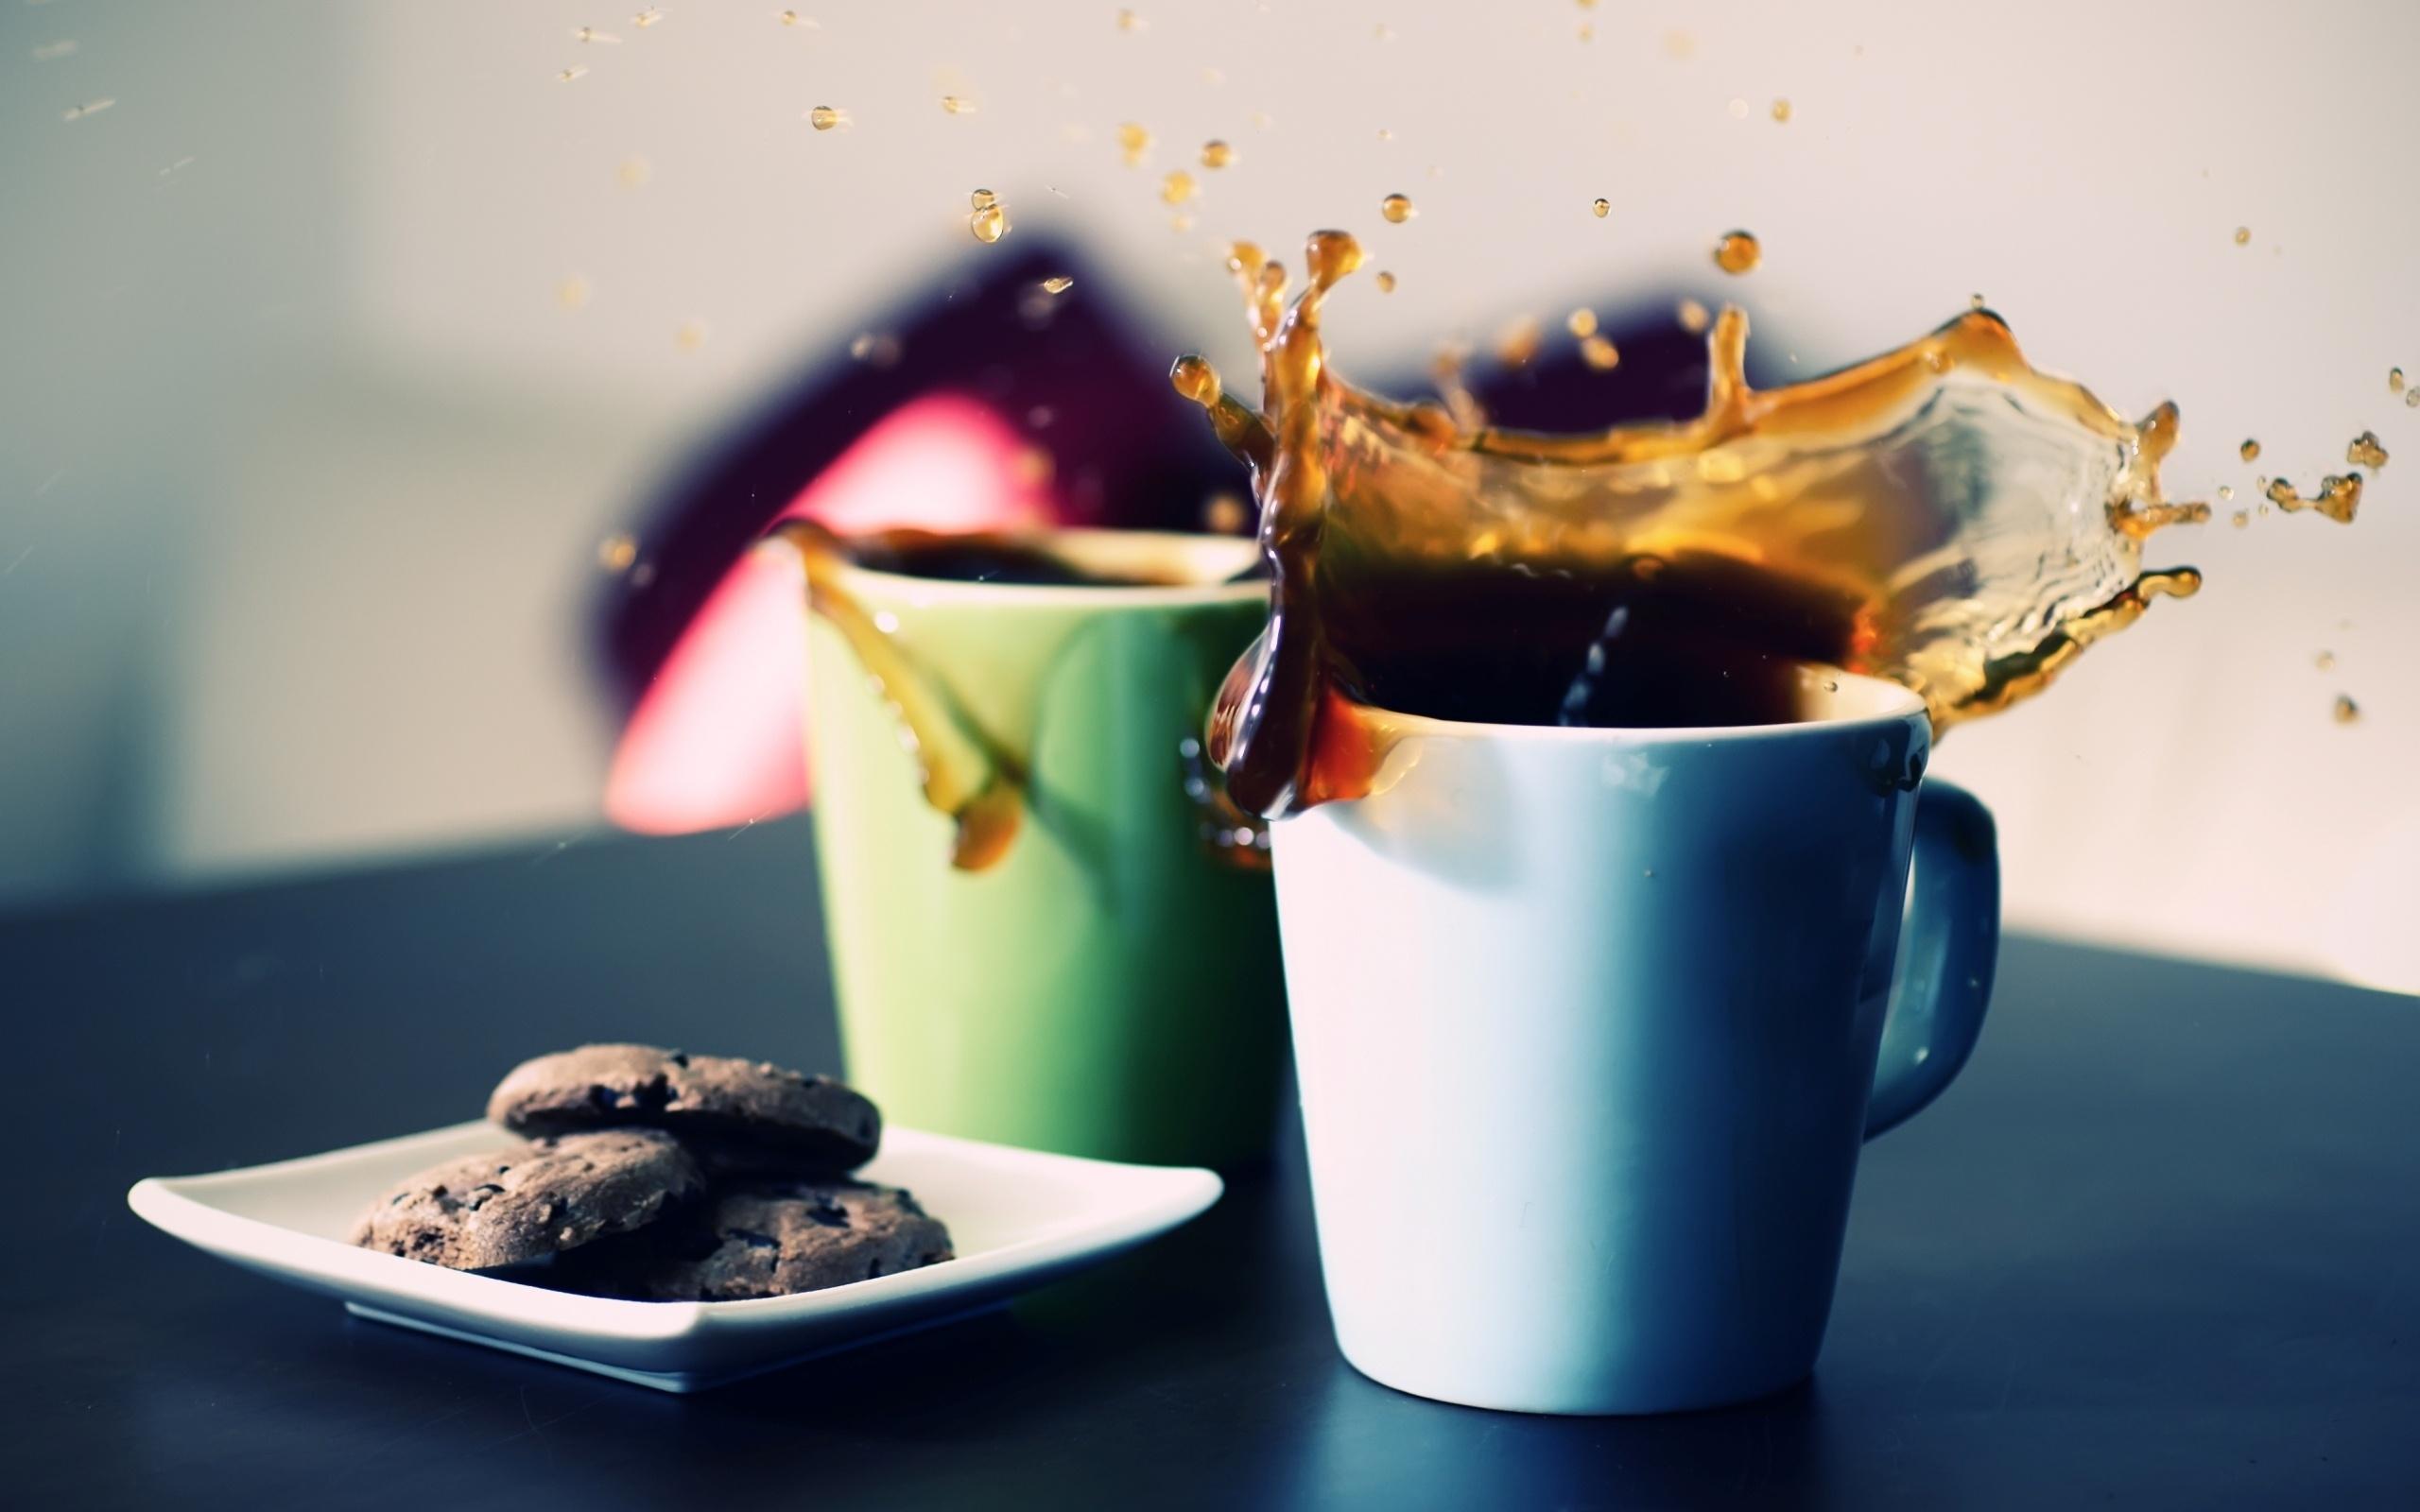 чай кружка стакан tea mug glass без смс